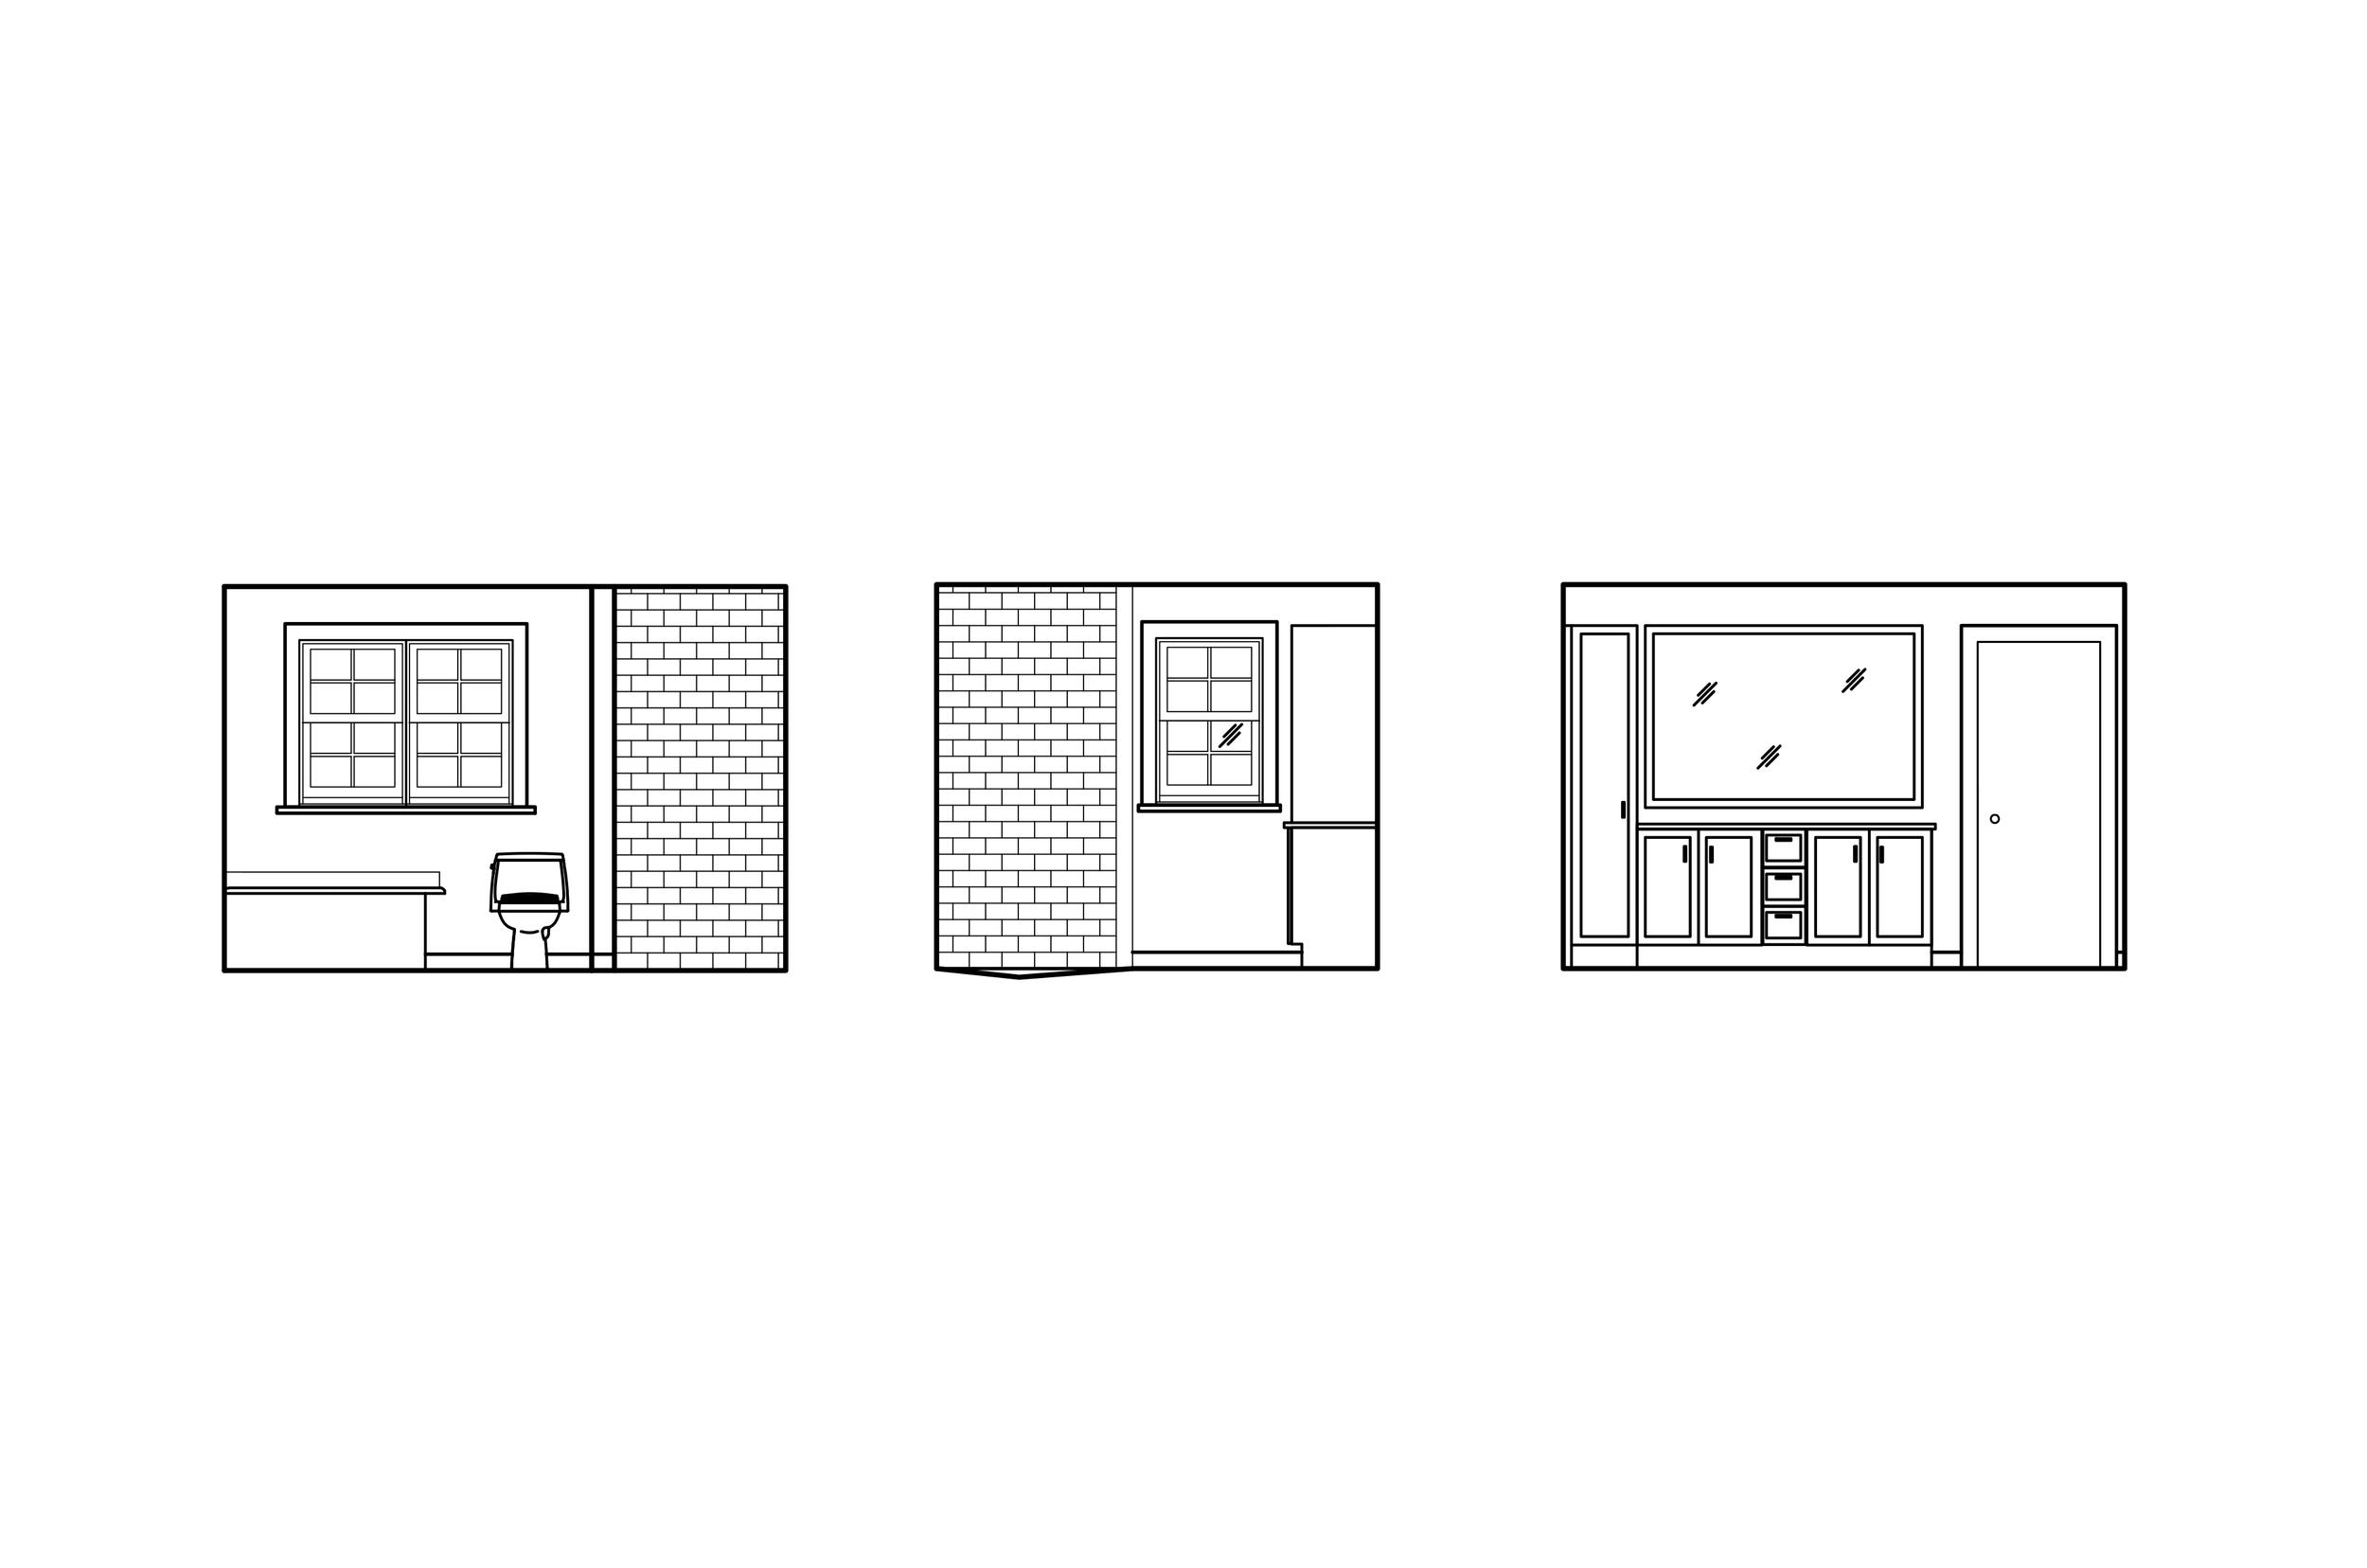 adler house 11 x 17 (2) (1).jpg